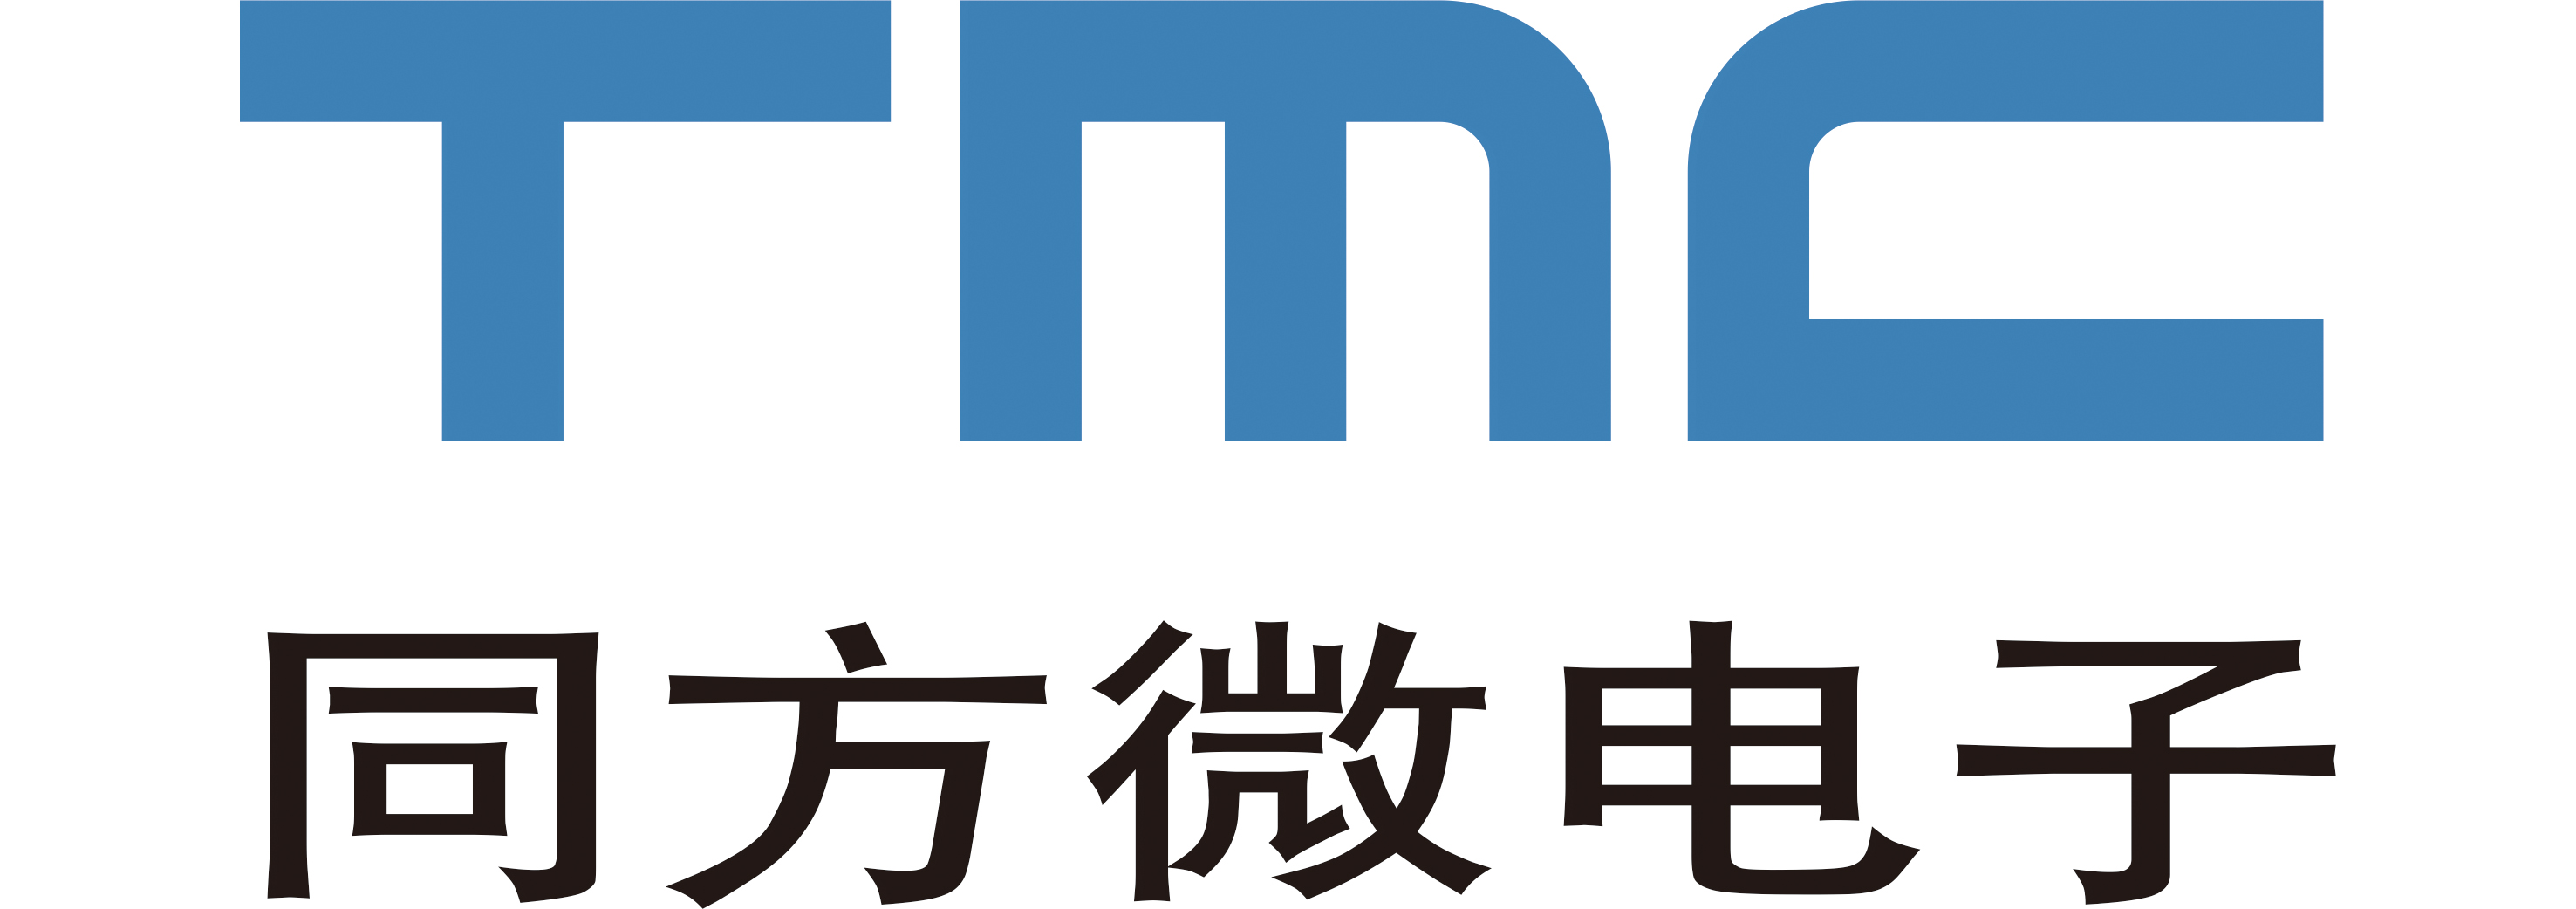 北京同方微电子有限公司-深圳物联网展会